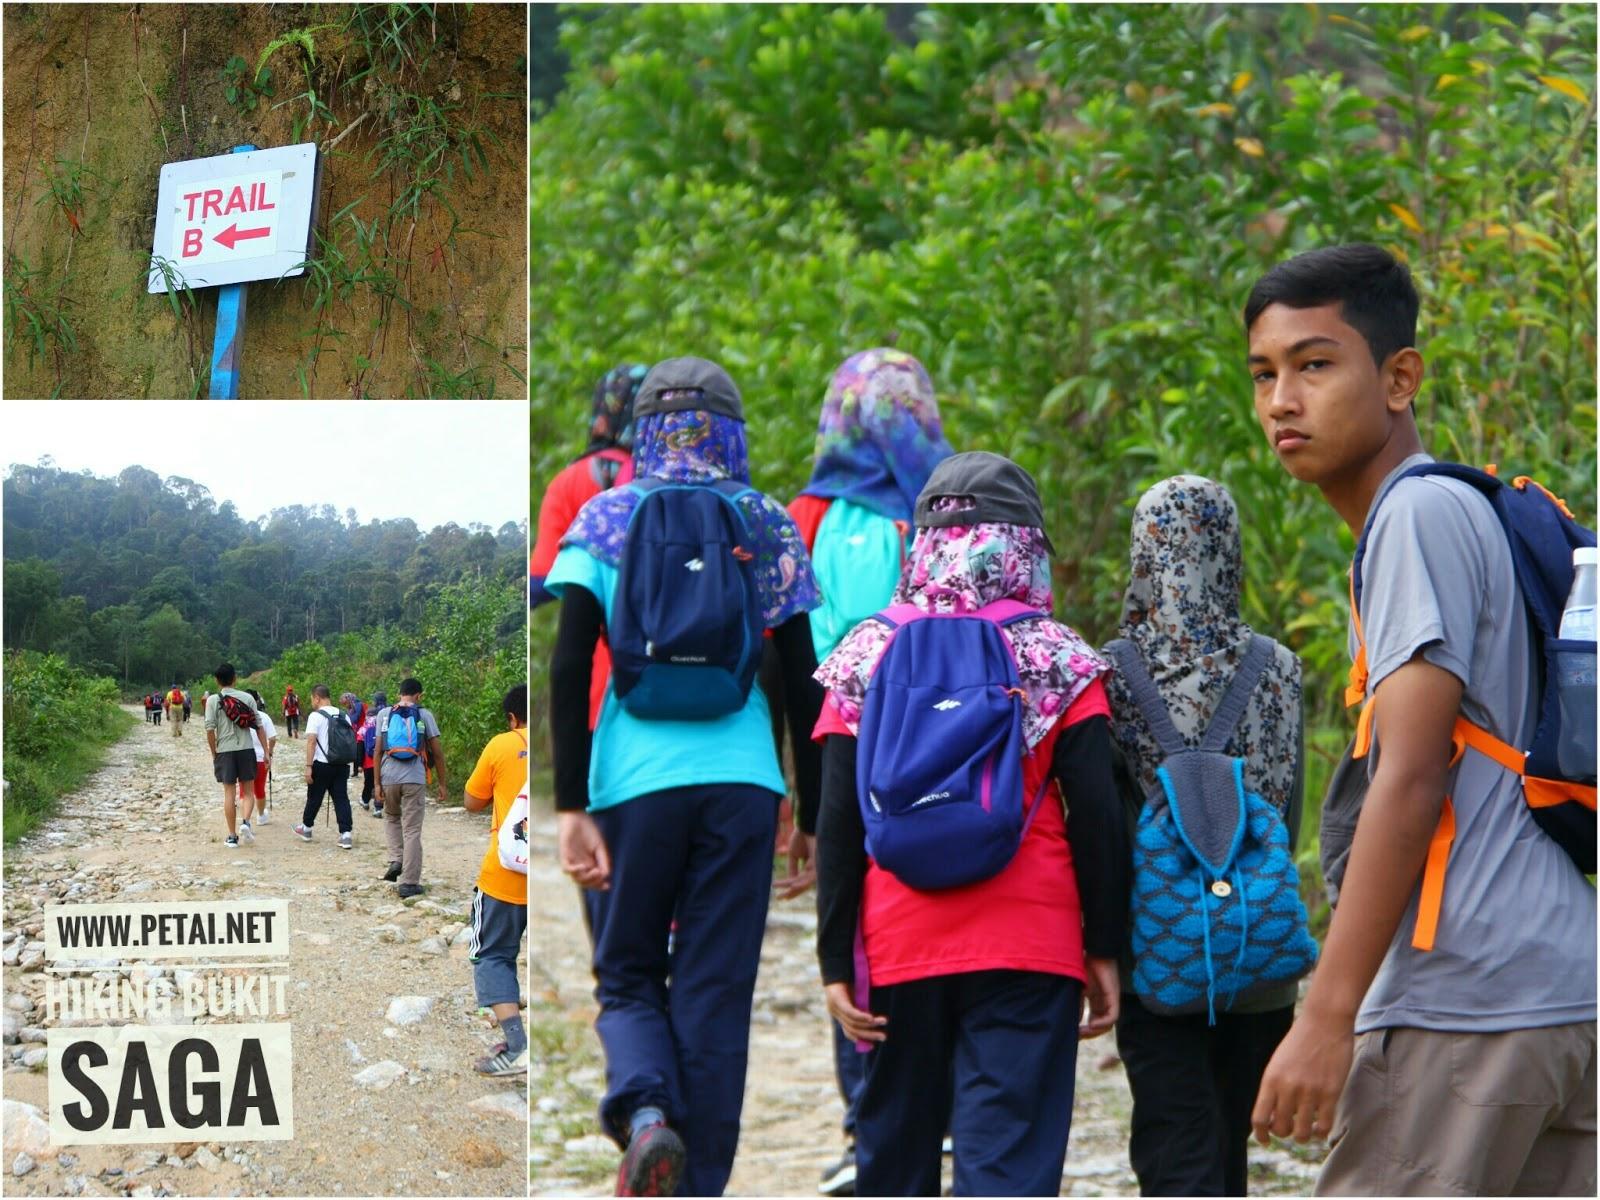 Trail B Bukit Saga